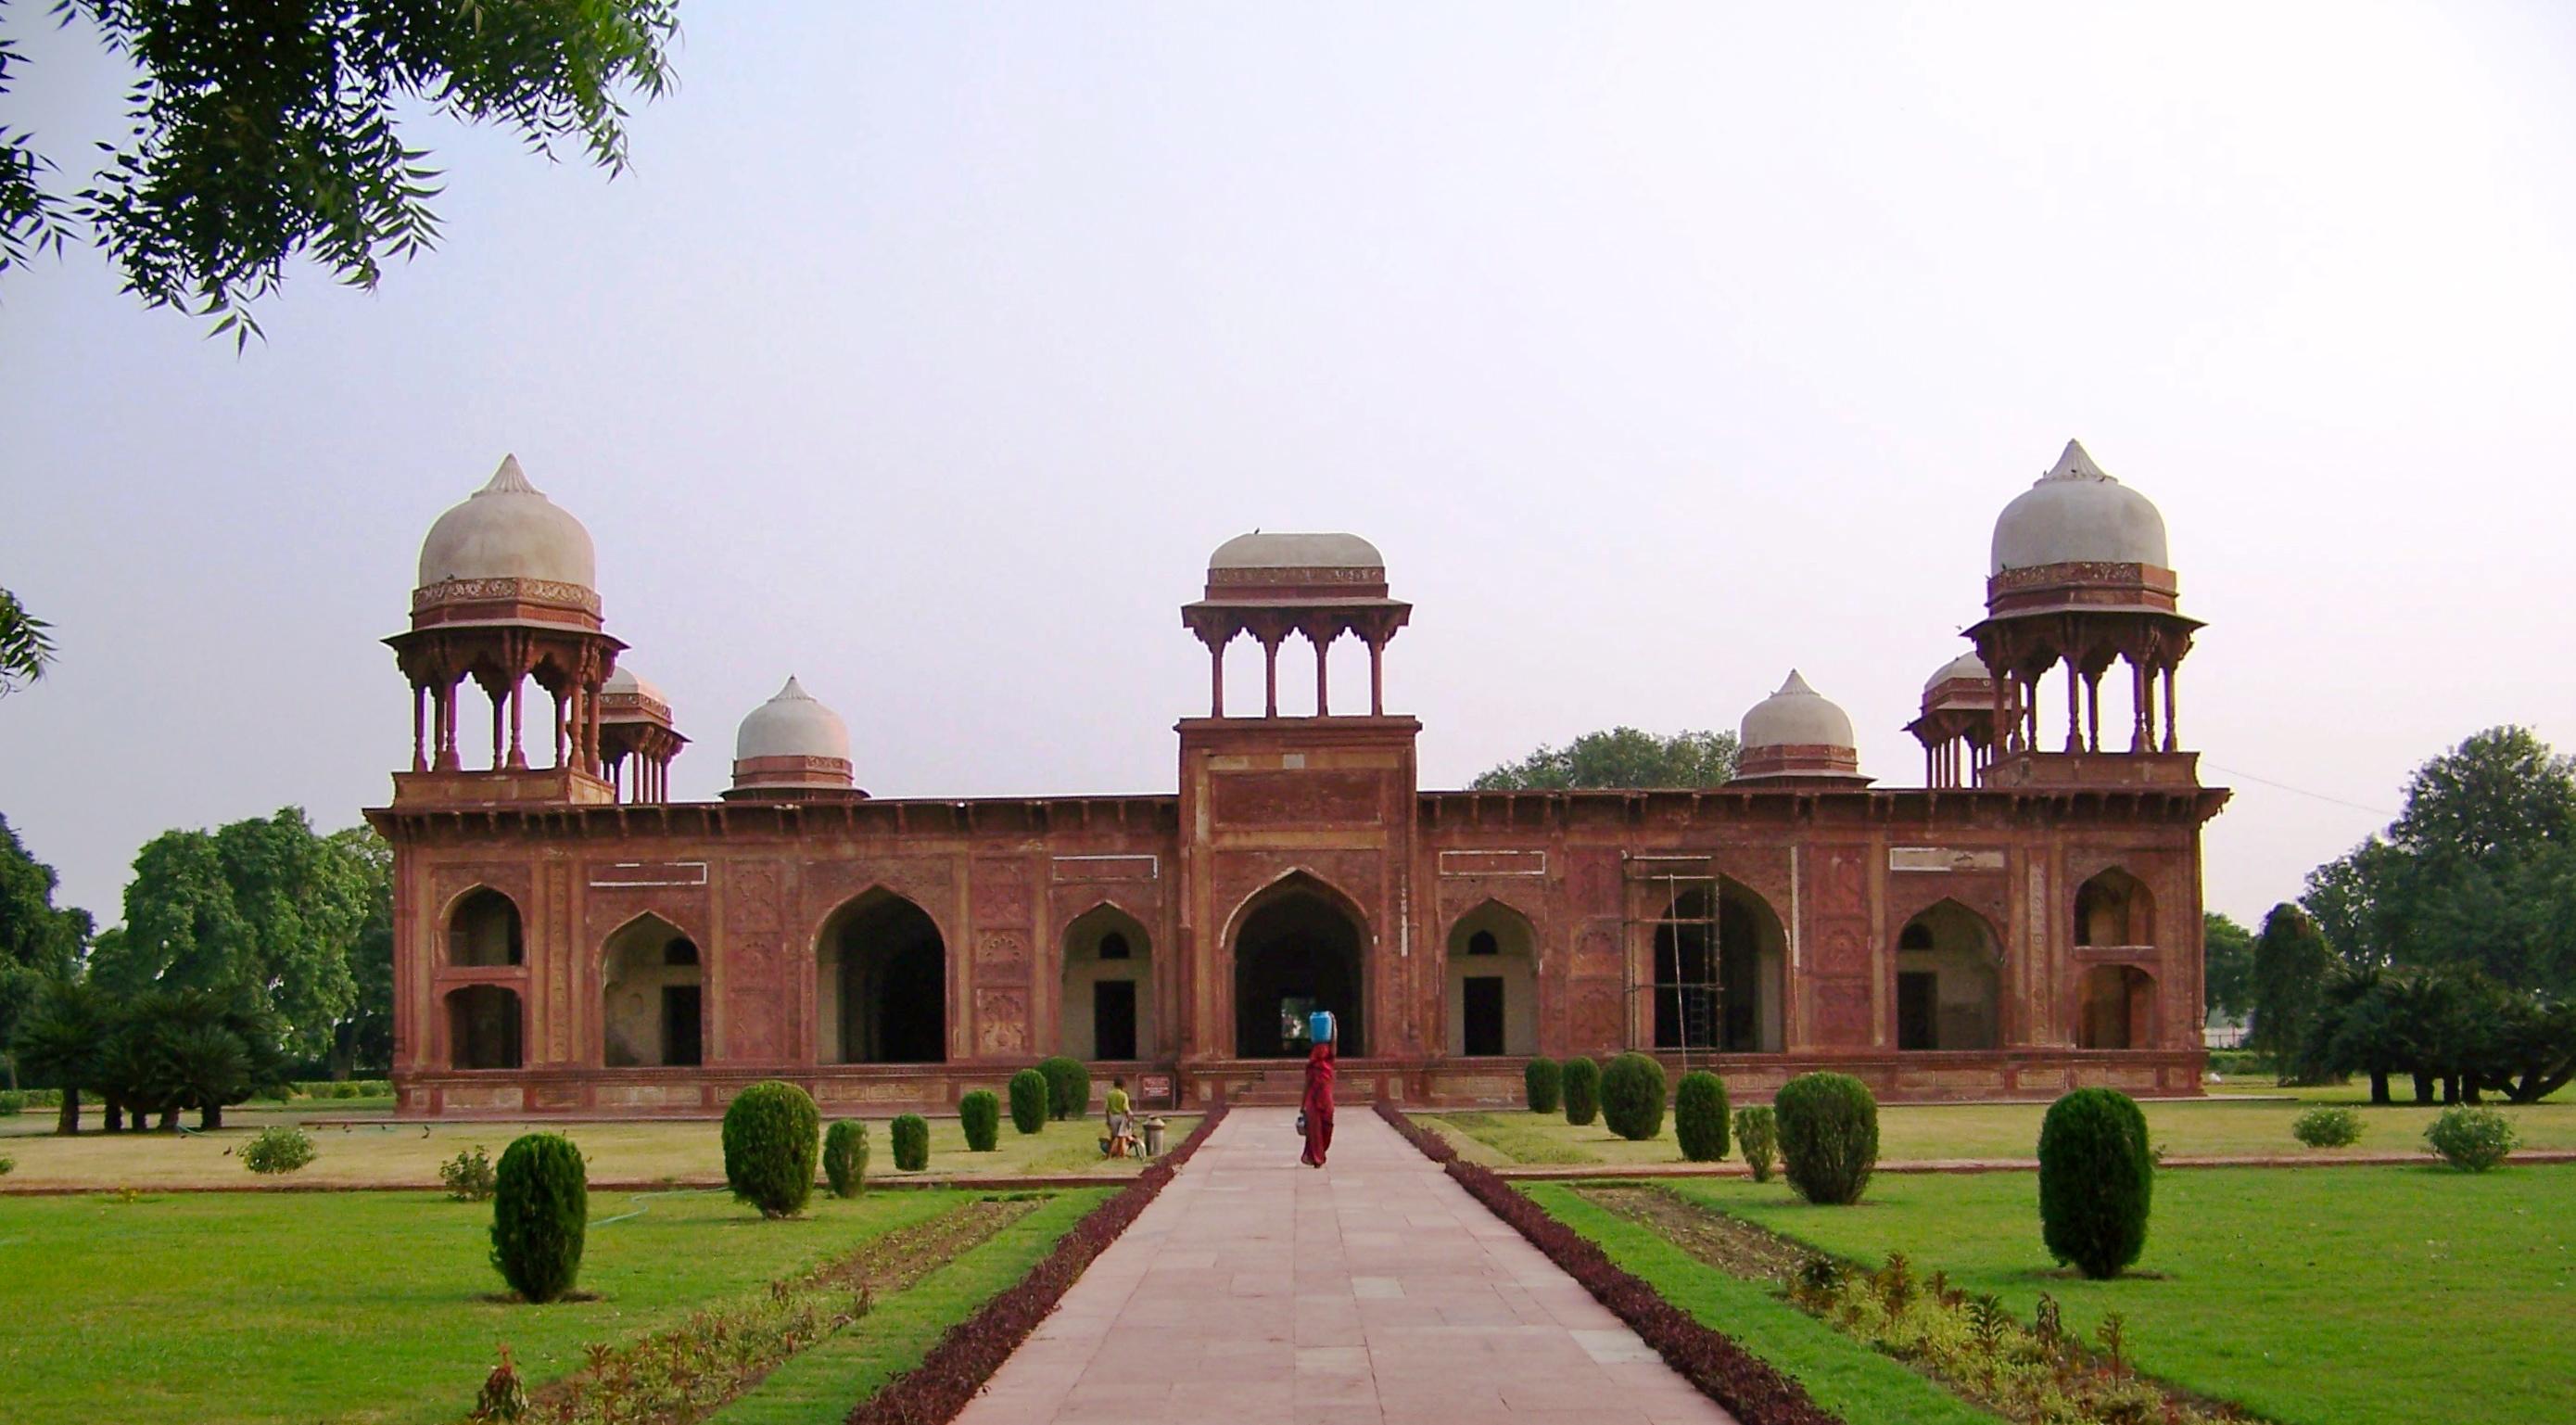 Mariam-Uz-Zamani Palace